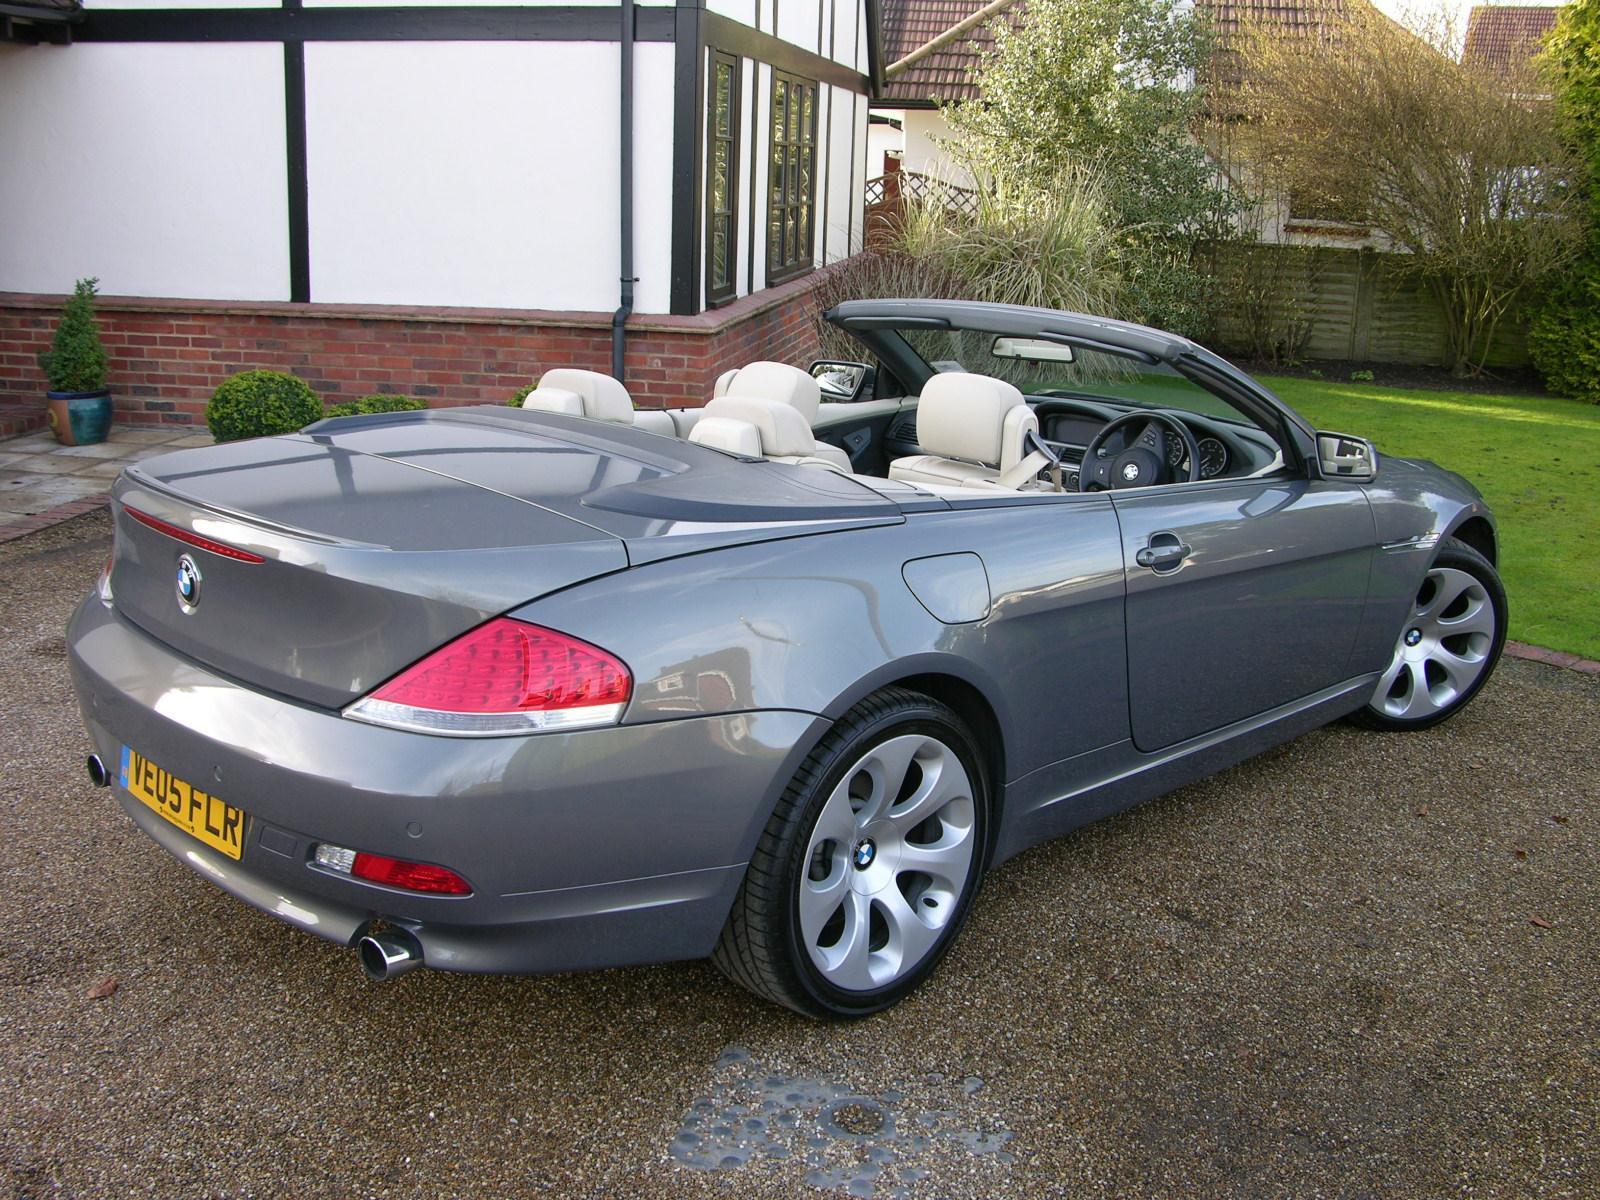 file 2005 bmw 645ci cabriolet flickr the car spy 18. Black Bedroom Furniture Sets. Home Design Ideas